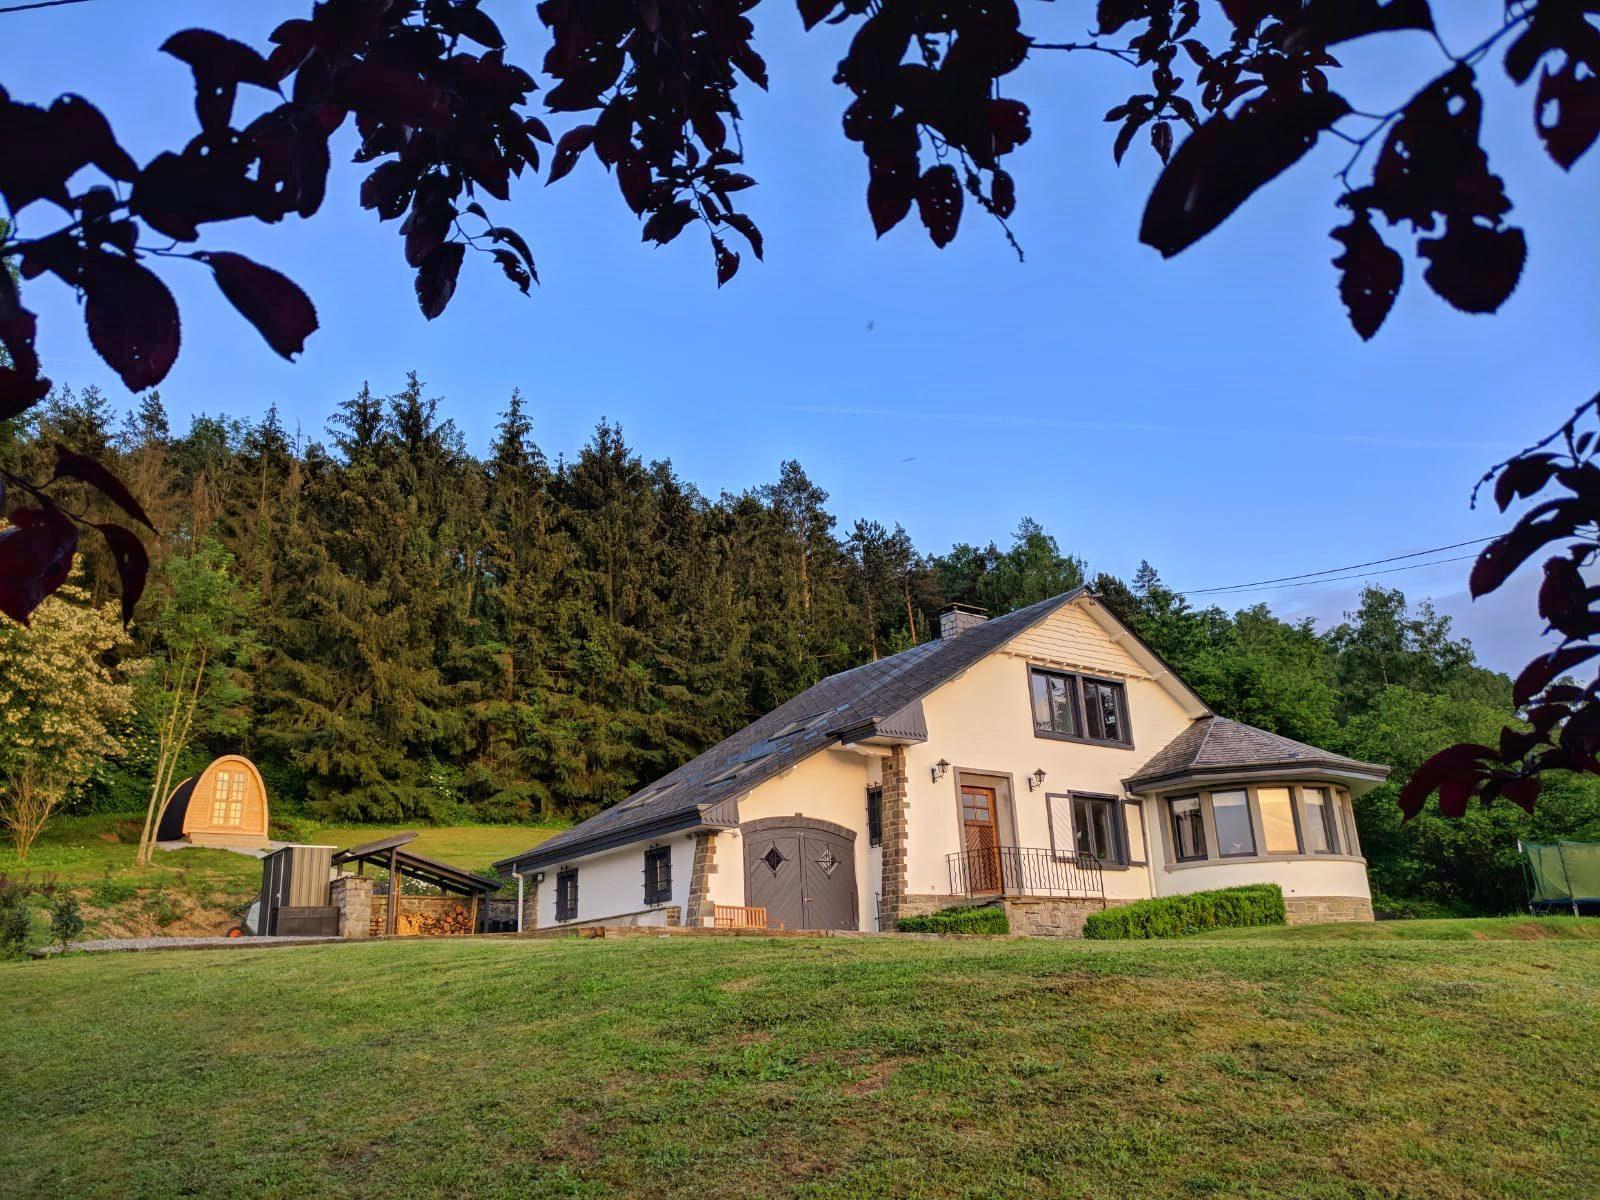 Vakantiehuis villa les Pins, vlakbij Durbuy in de Belgische Ardennen